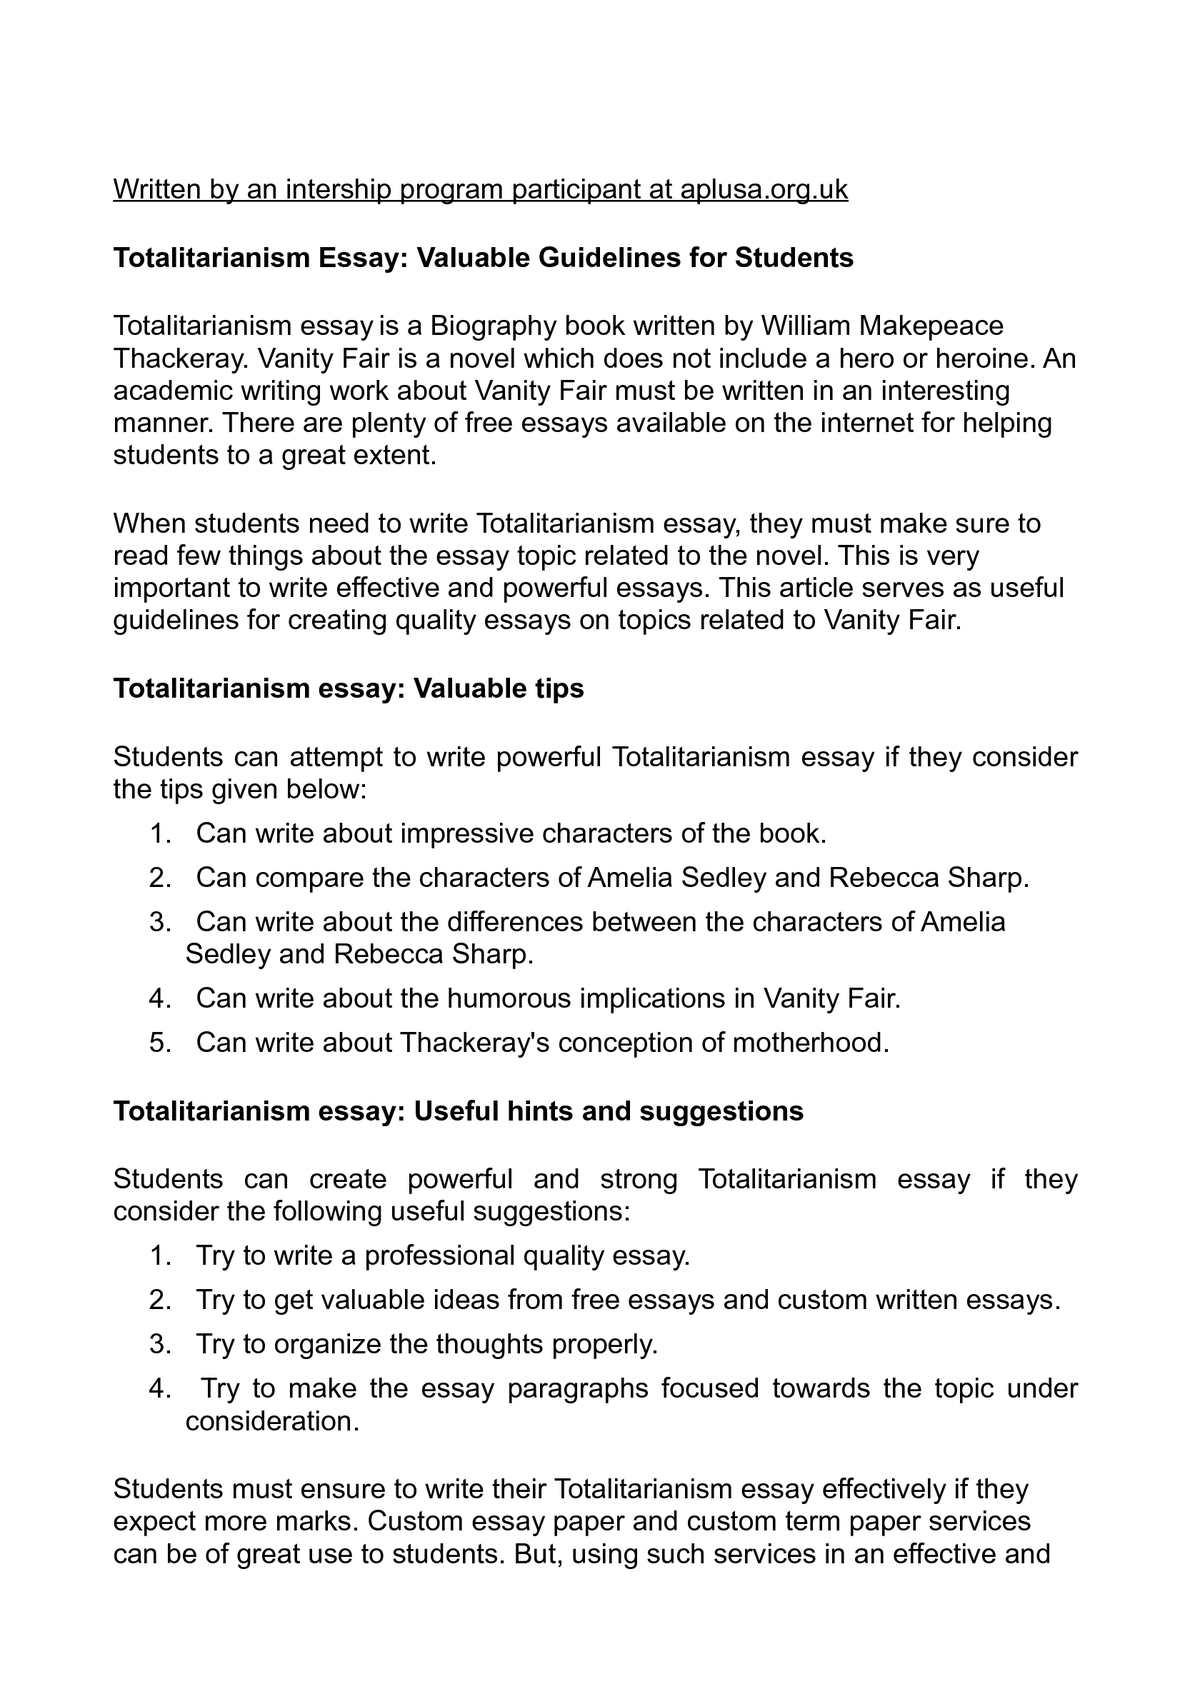 005 Essay Example On Vanity Stupendous Fair Topics Montaigne's Full